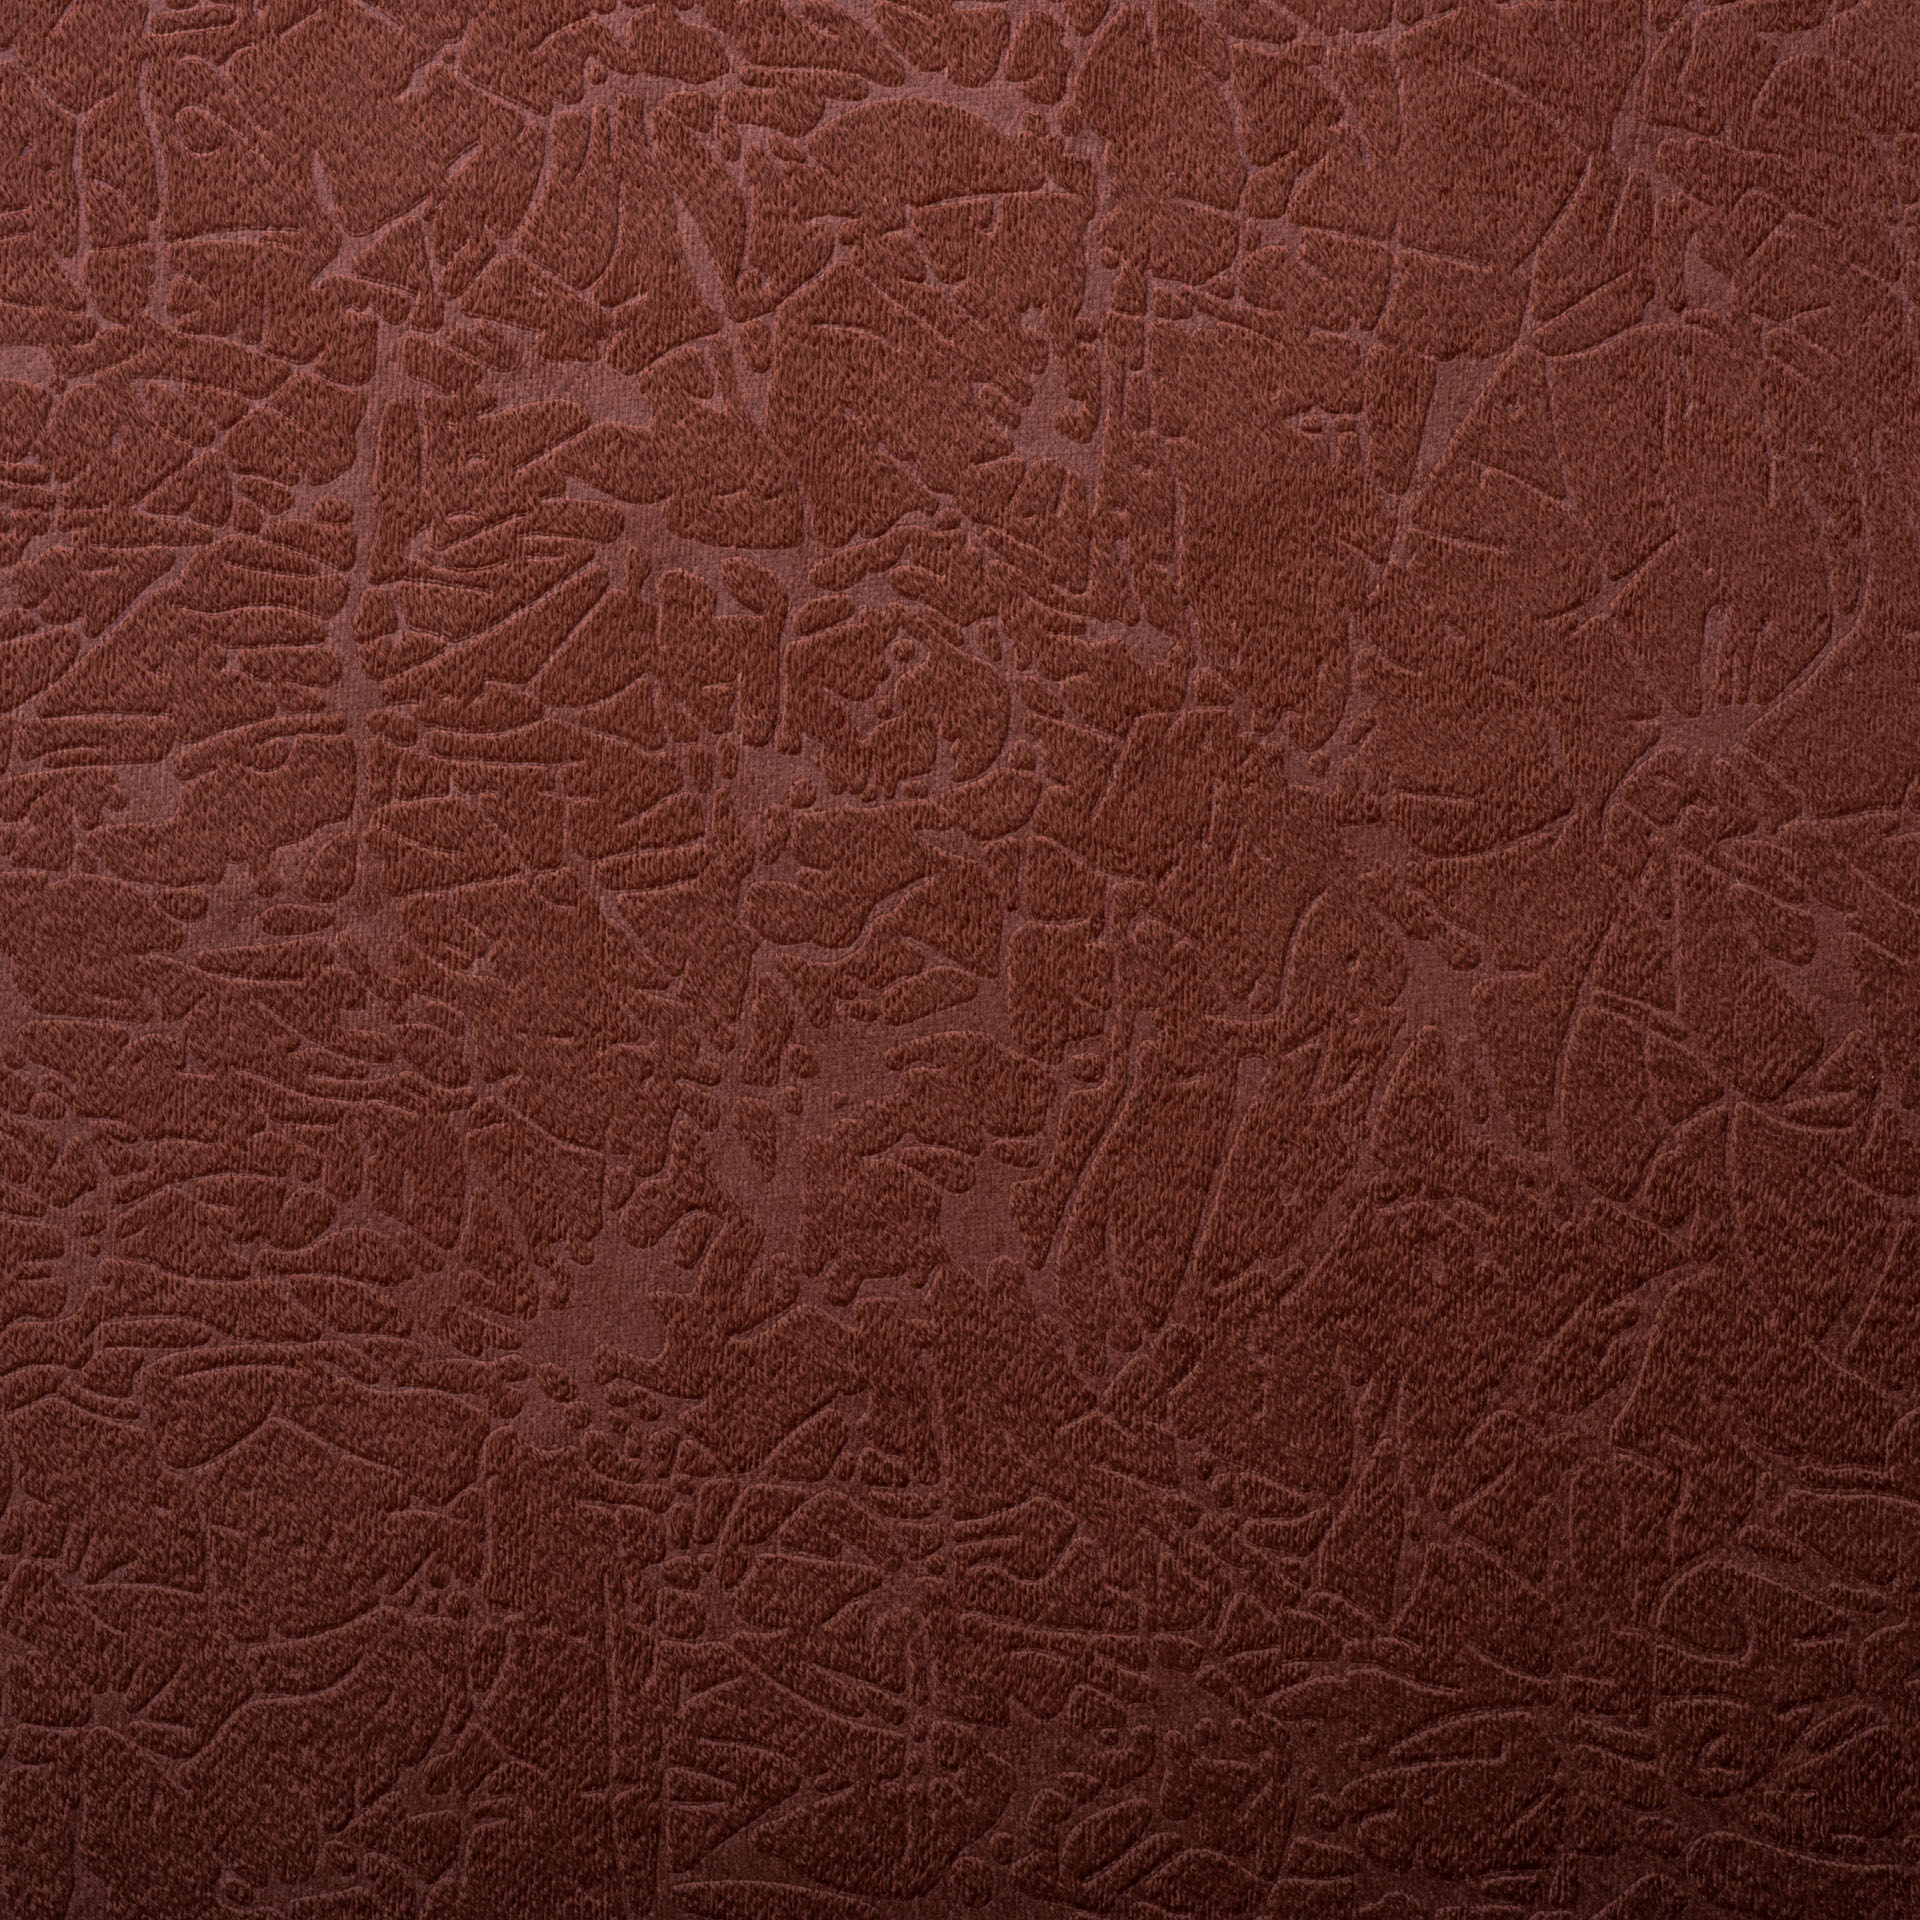 Коллекция ткани Пленет 06 TERRACOTTA,  купить ткань Велюр для мебели Украина